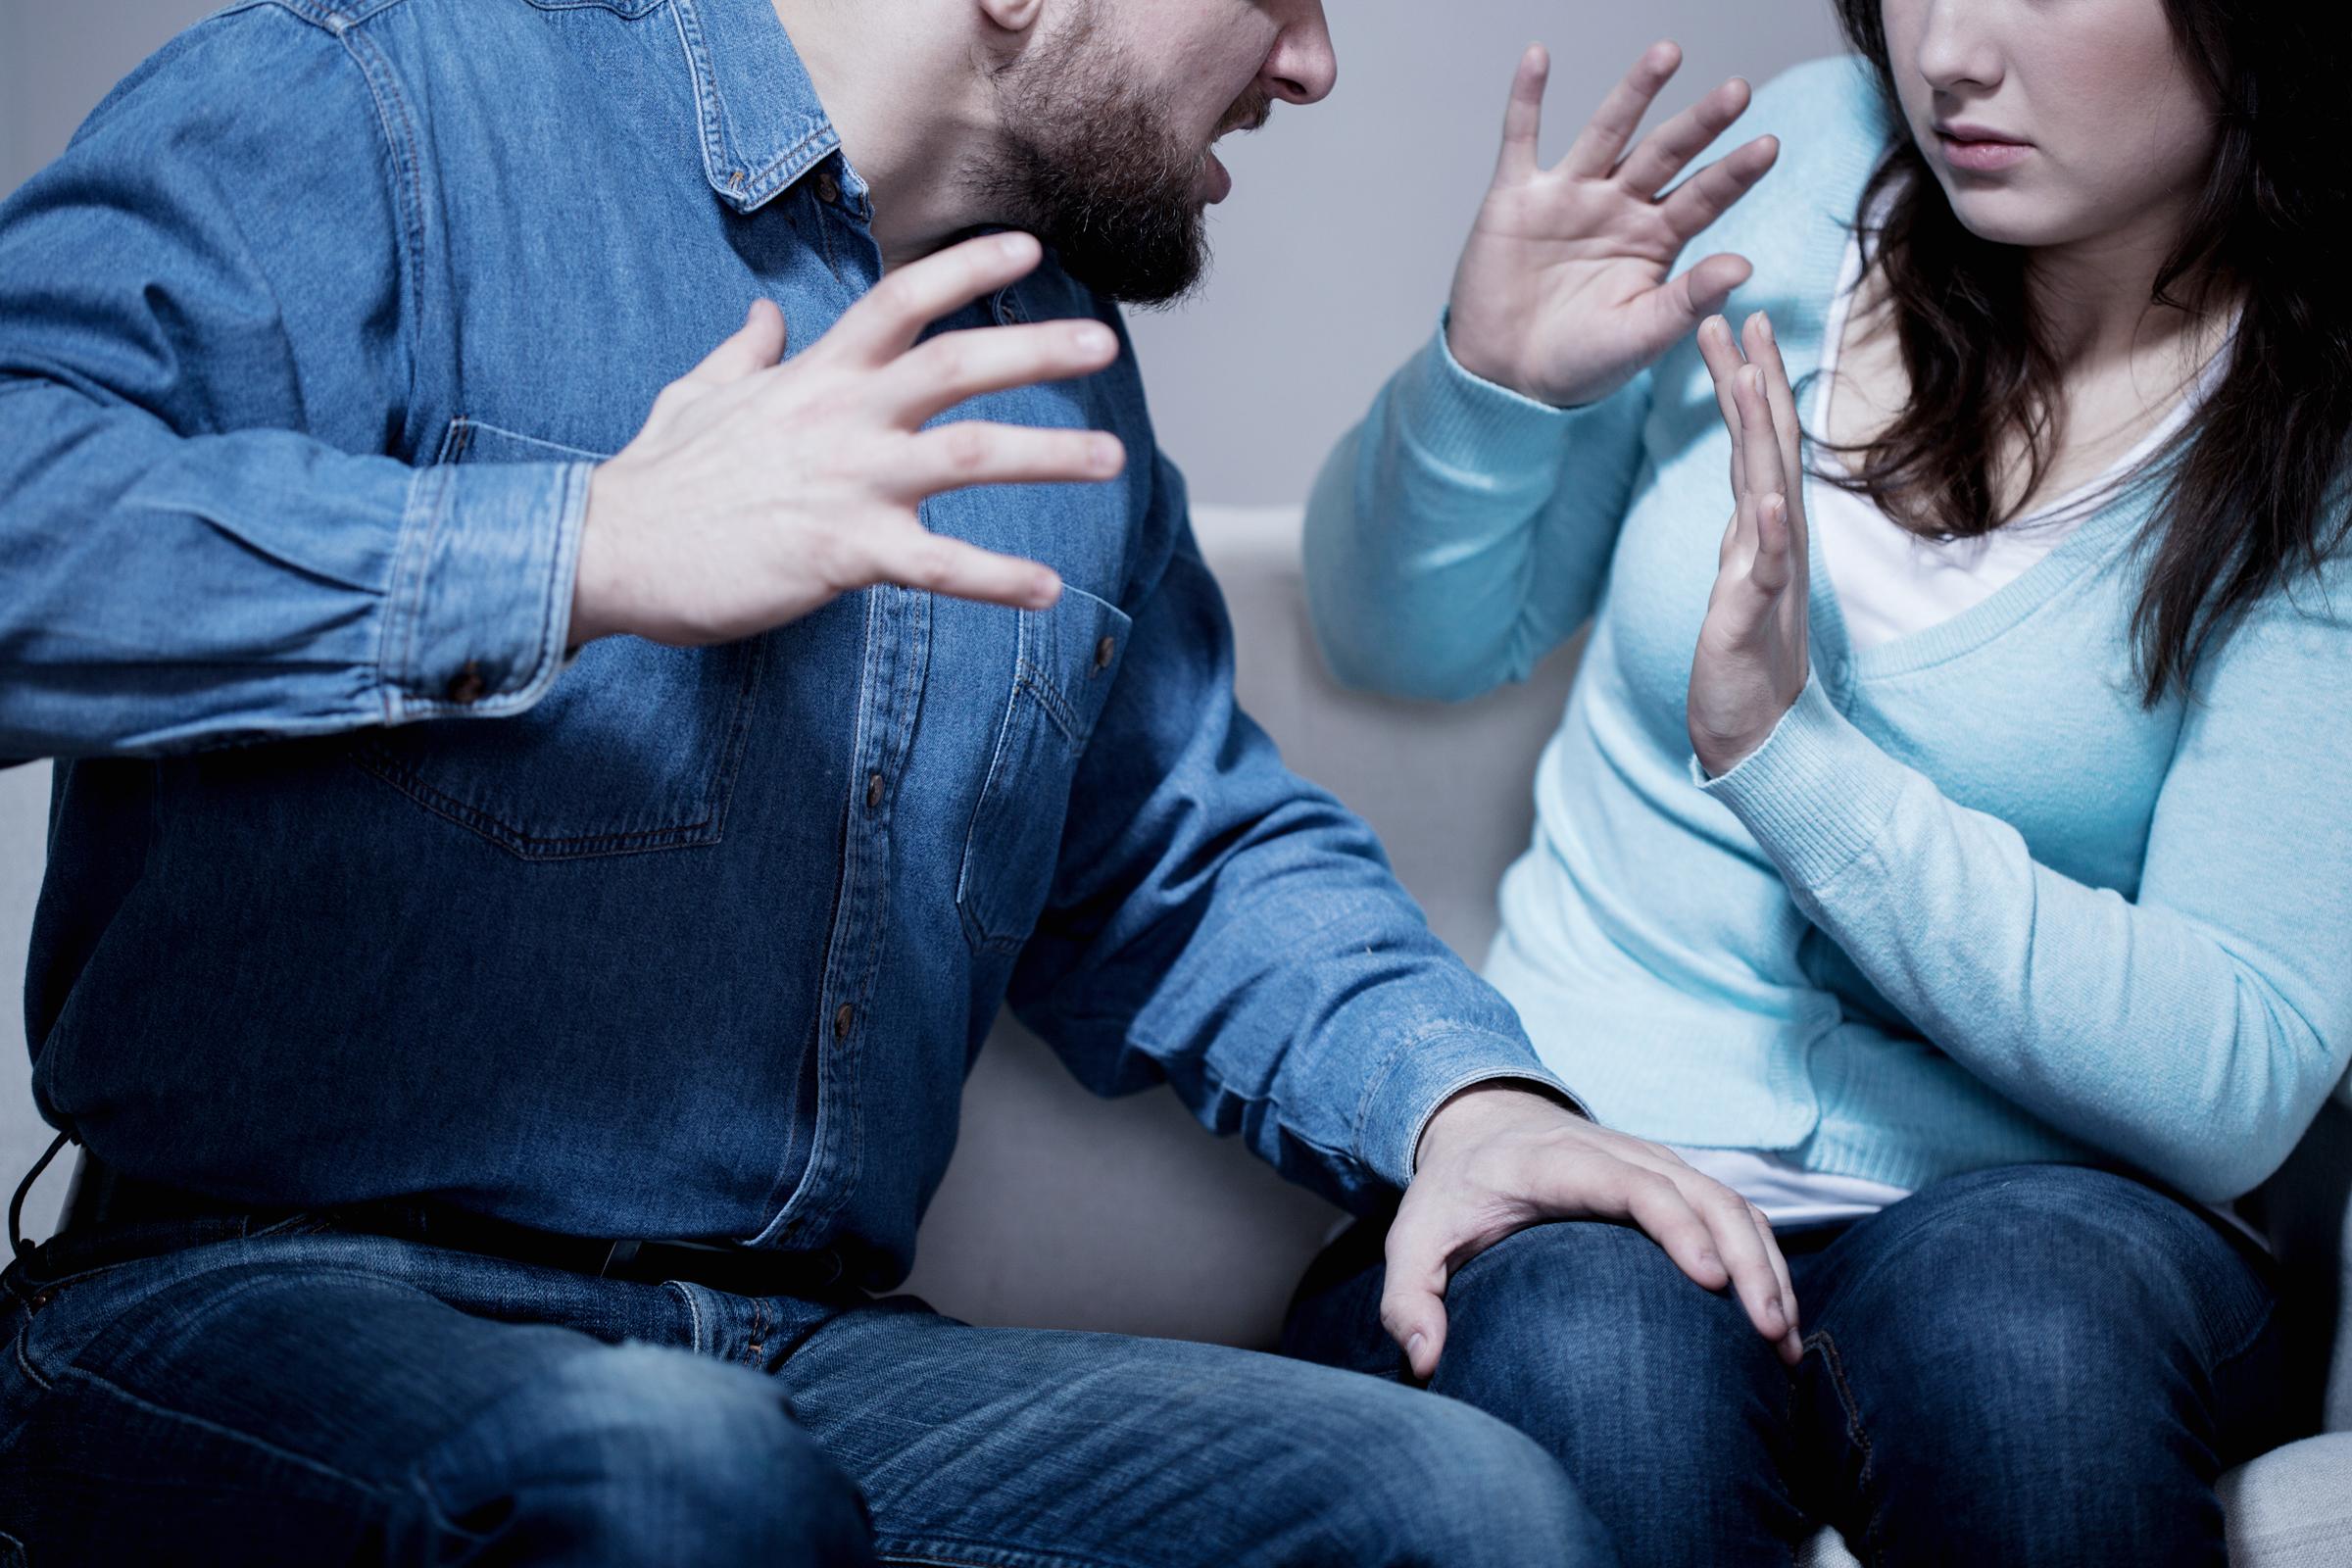 tudatlan viselkedés randi